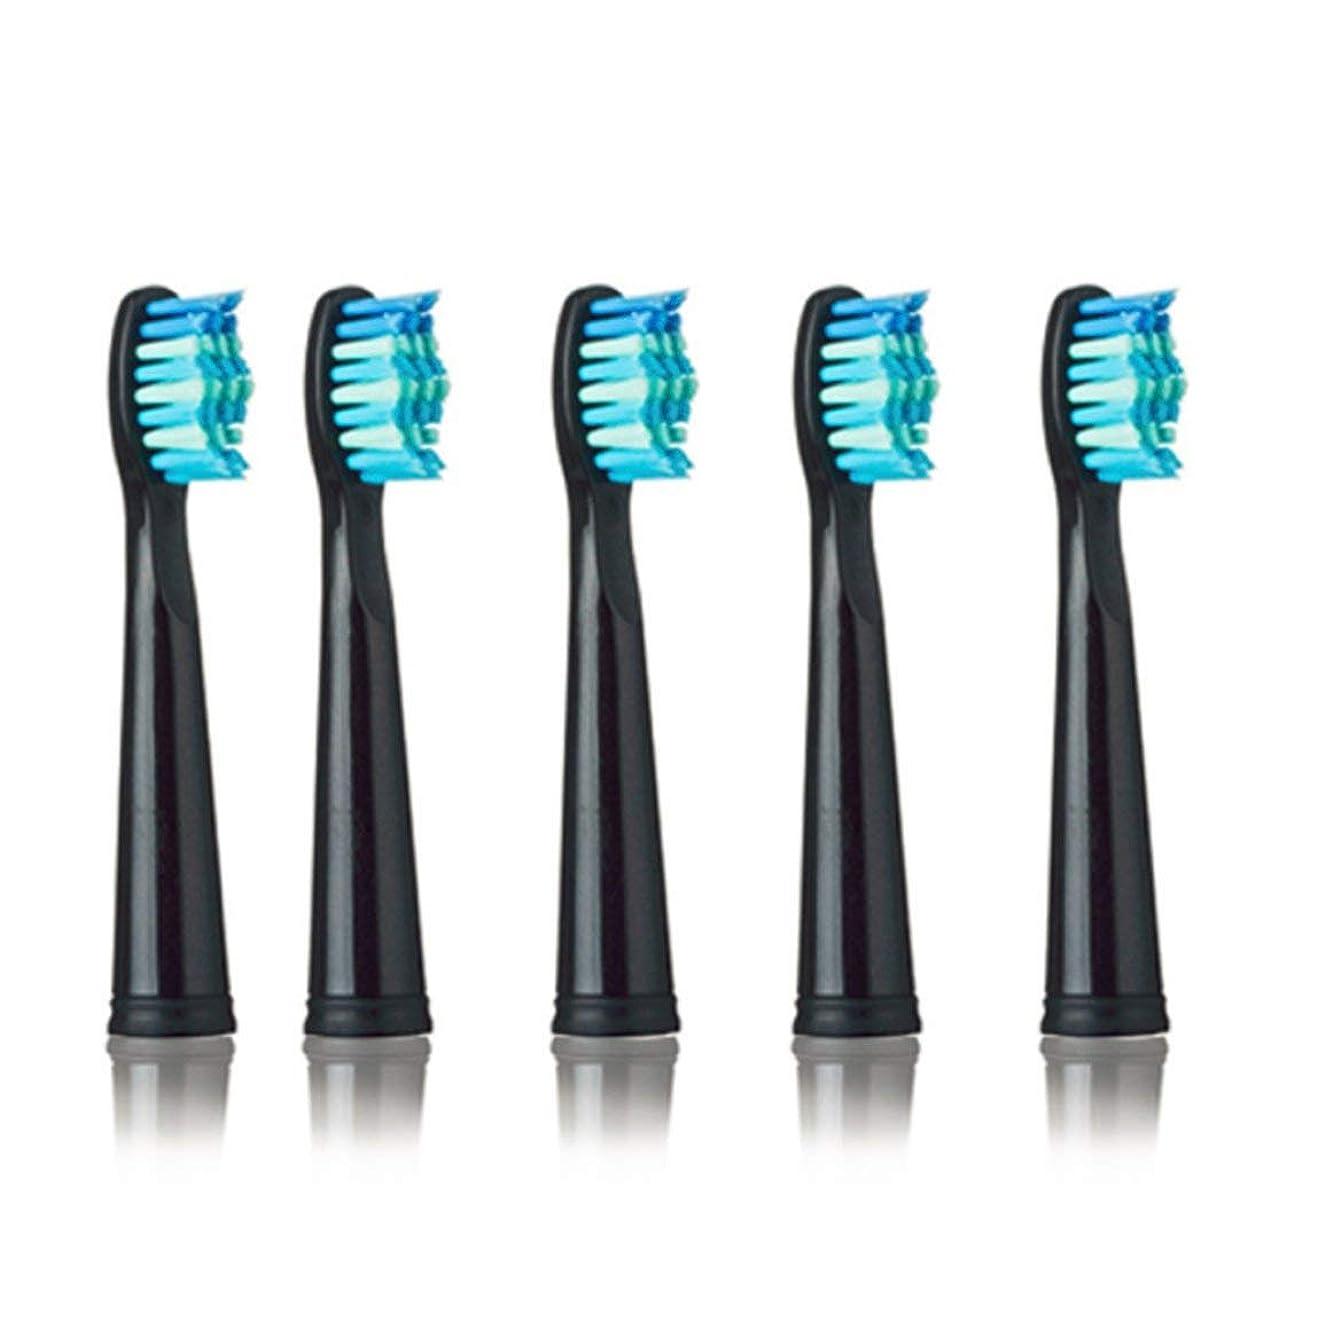 急速な毎月穿孔するSEAGO 949/507/610/659用電動歯ブラシヘッド抗菌自動歯ブラシヘッド電動歯ブラシ - ブラック